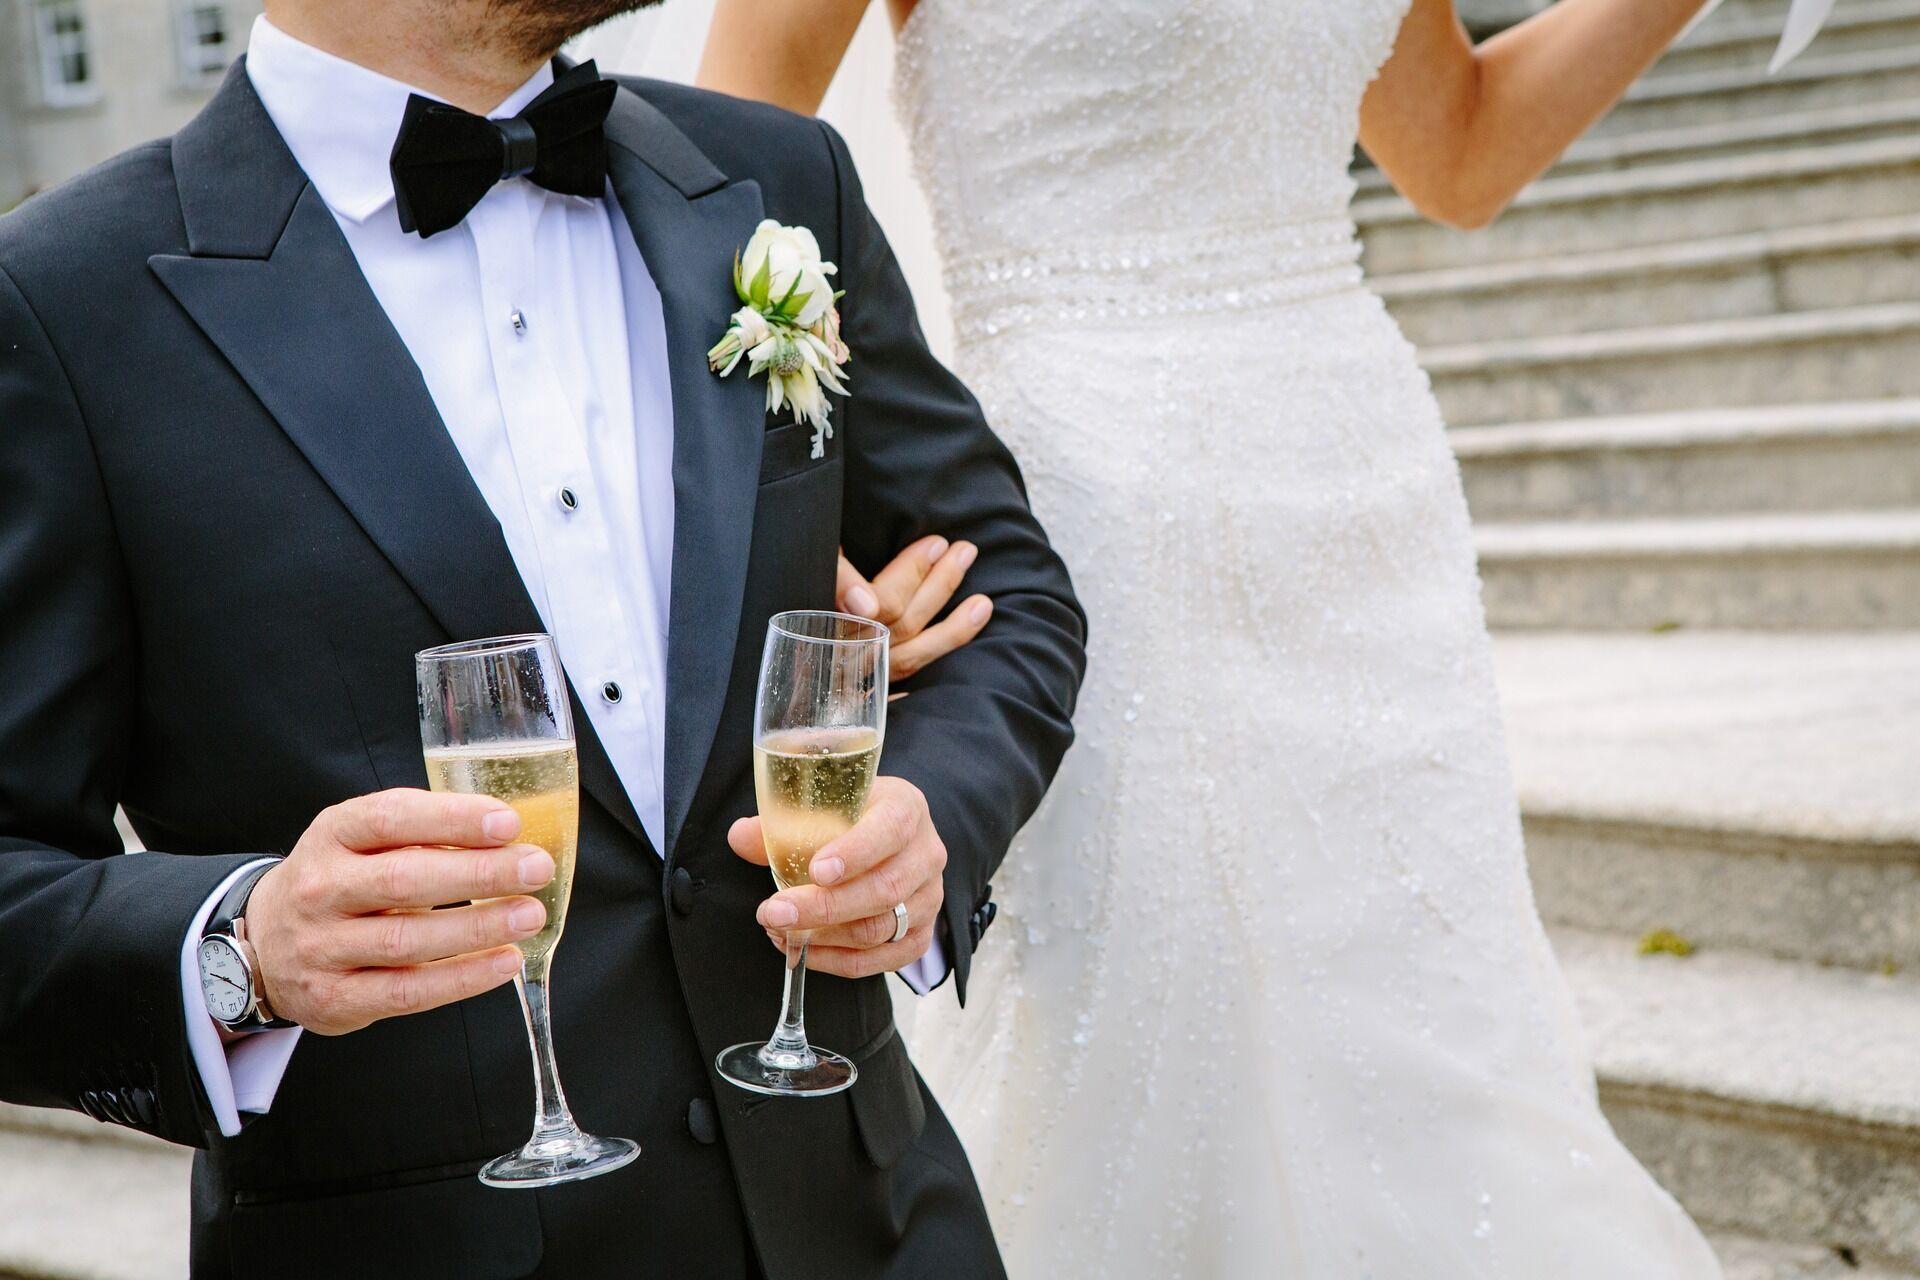 15 Ава считается крайне благоприятным днем для свадьбы